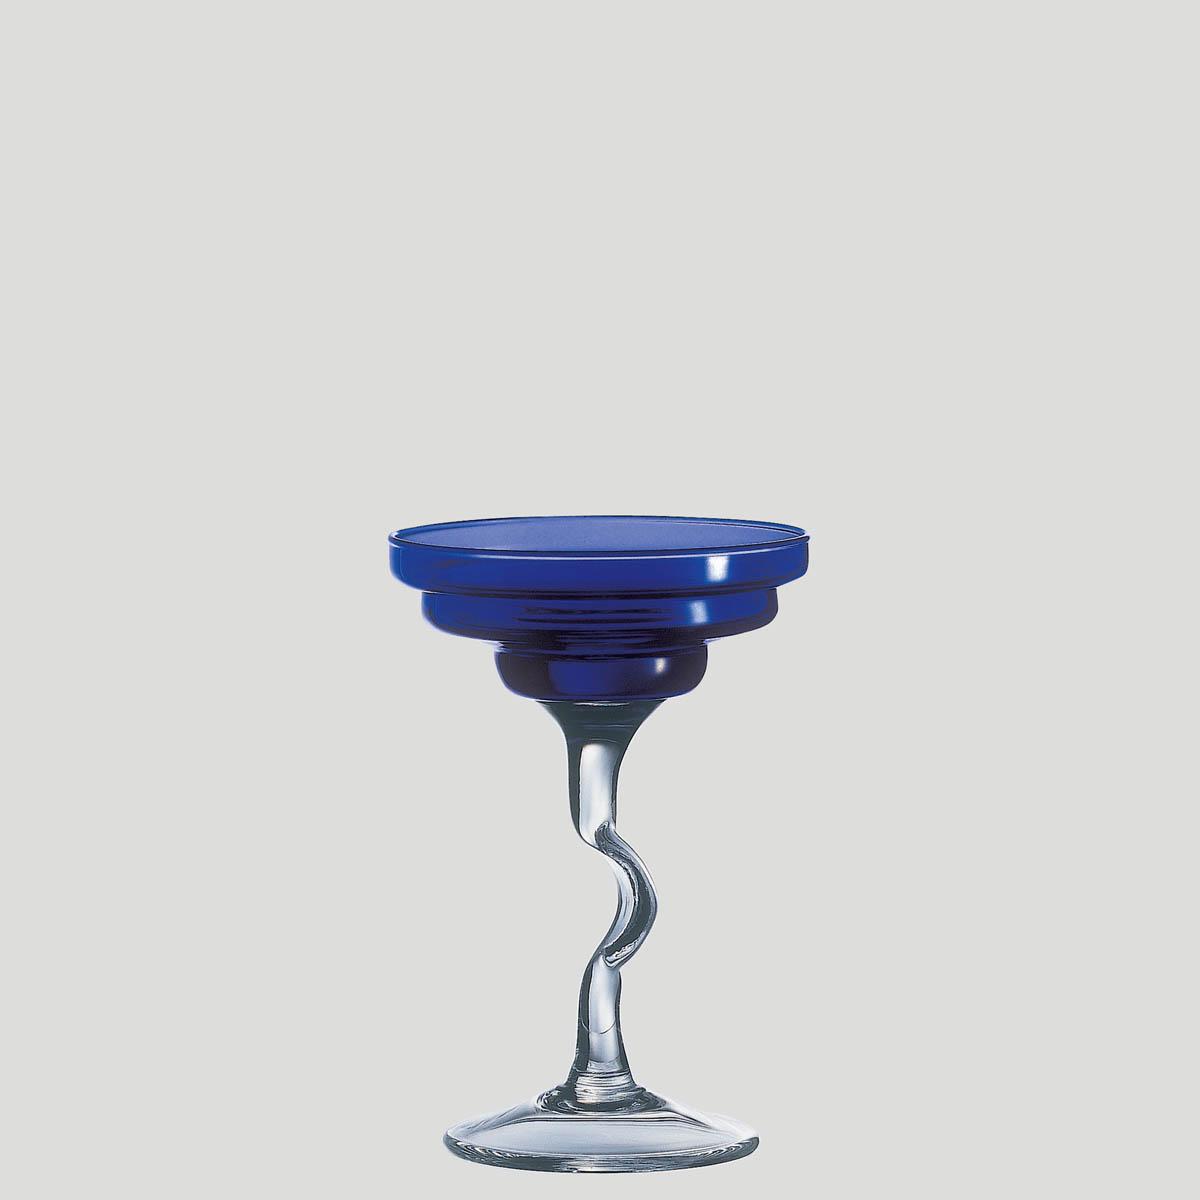 Coppa Pinocchio - Coppa per gelato in vetro - Gardagel